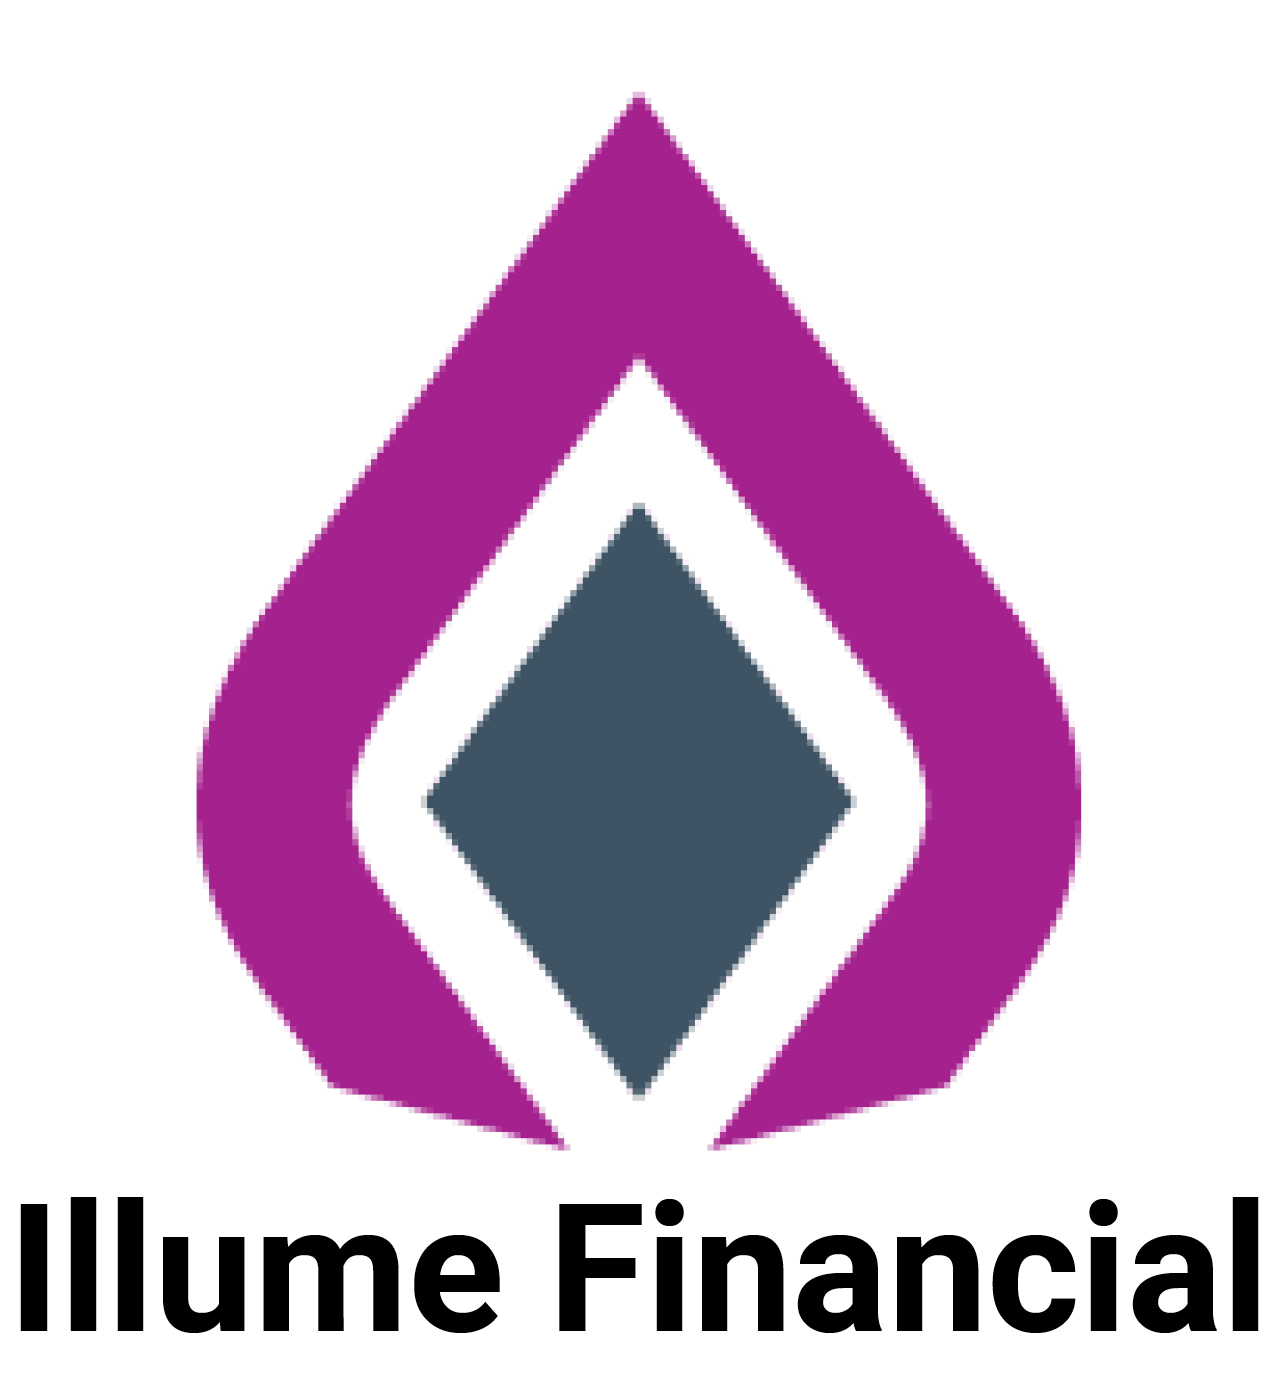 Illume Financial company logo